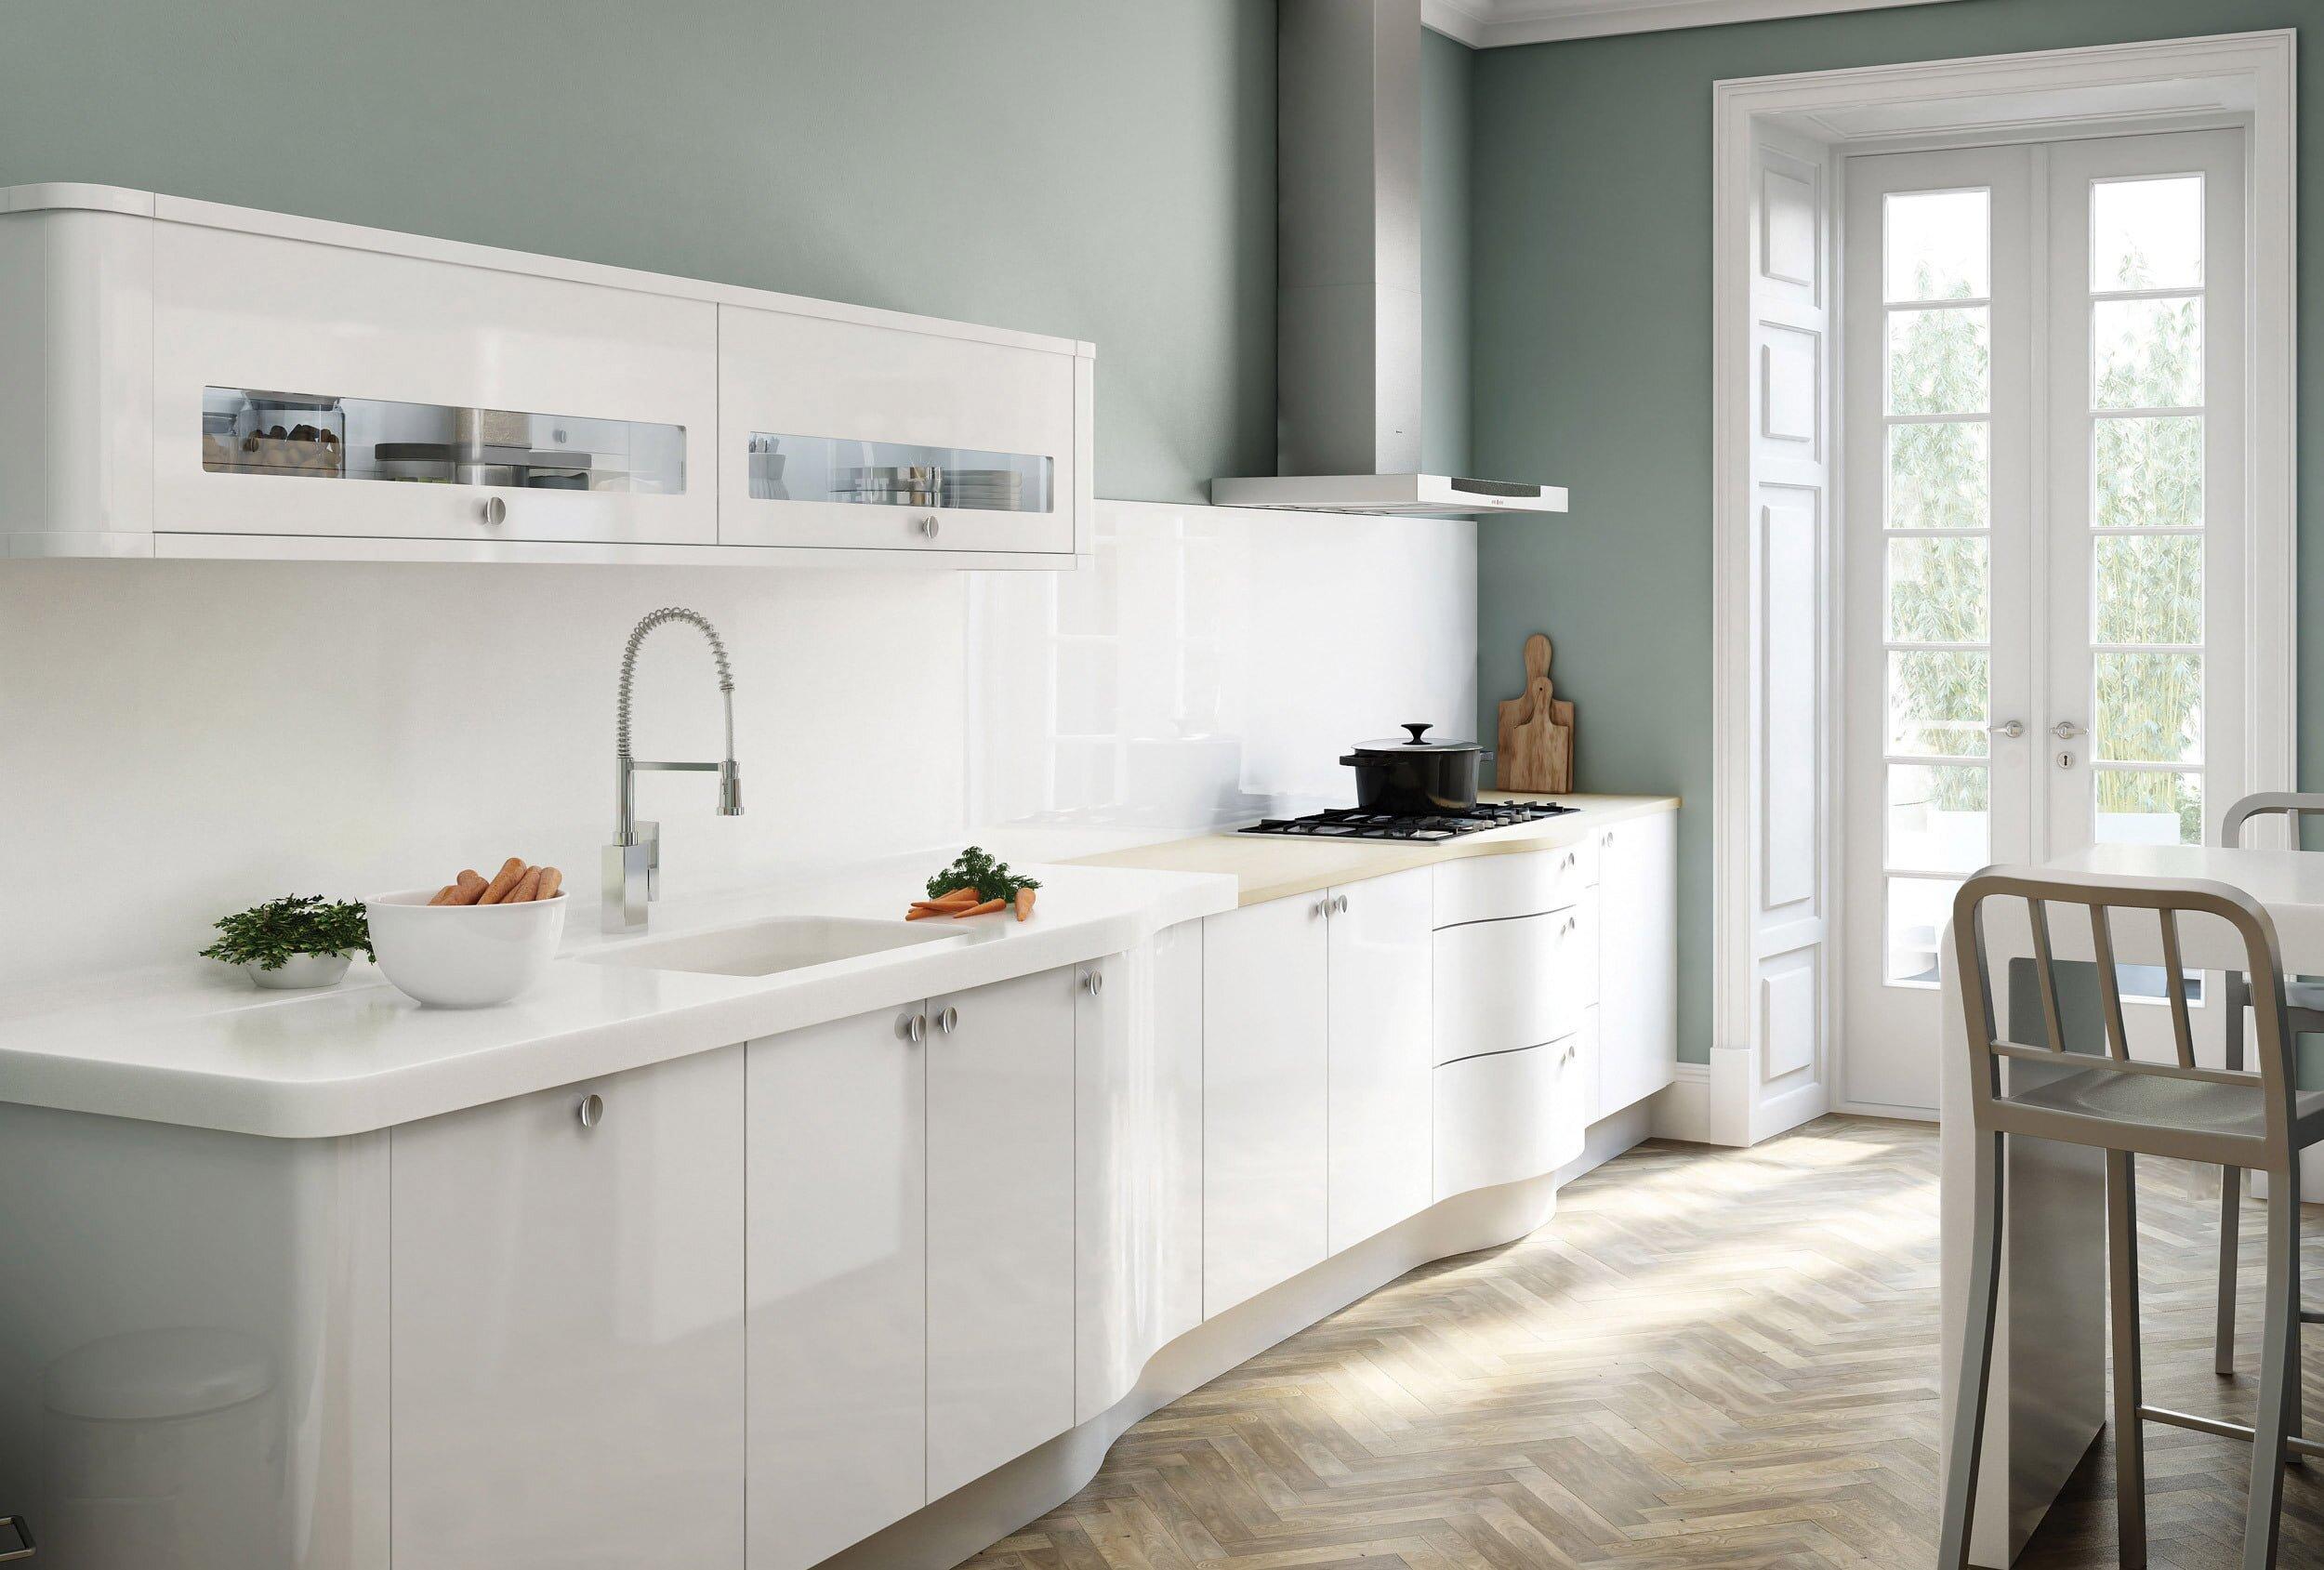 Mutfak Dolabı Renk Seçimi Nasıl Yapılır?